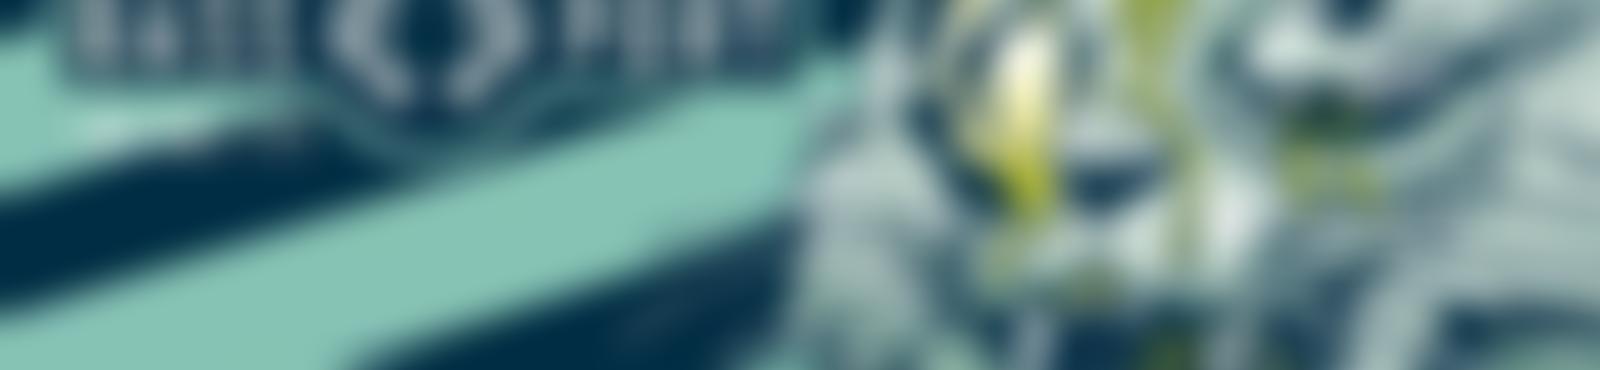 Blurred bbb31a8a 192e 4ff0 9227 b53f61bb6d9f